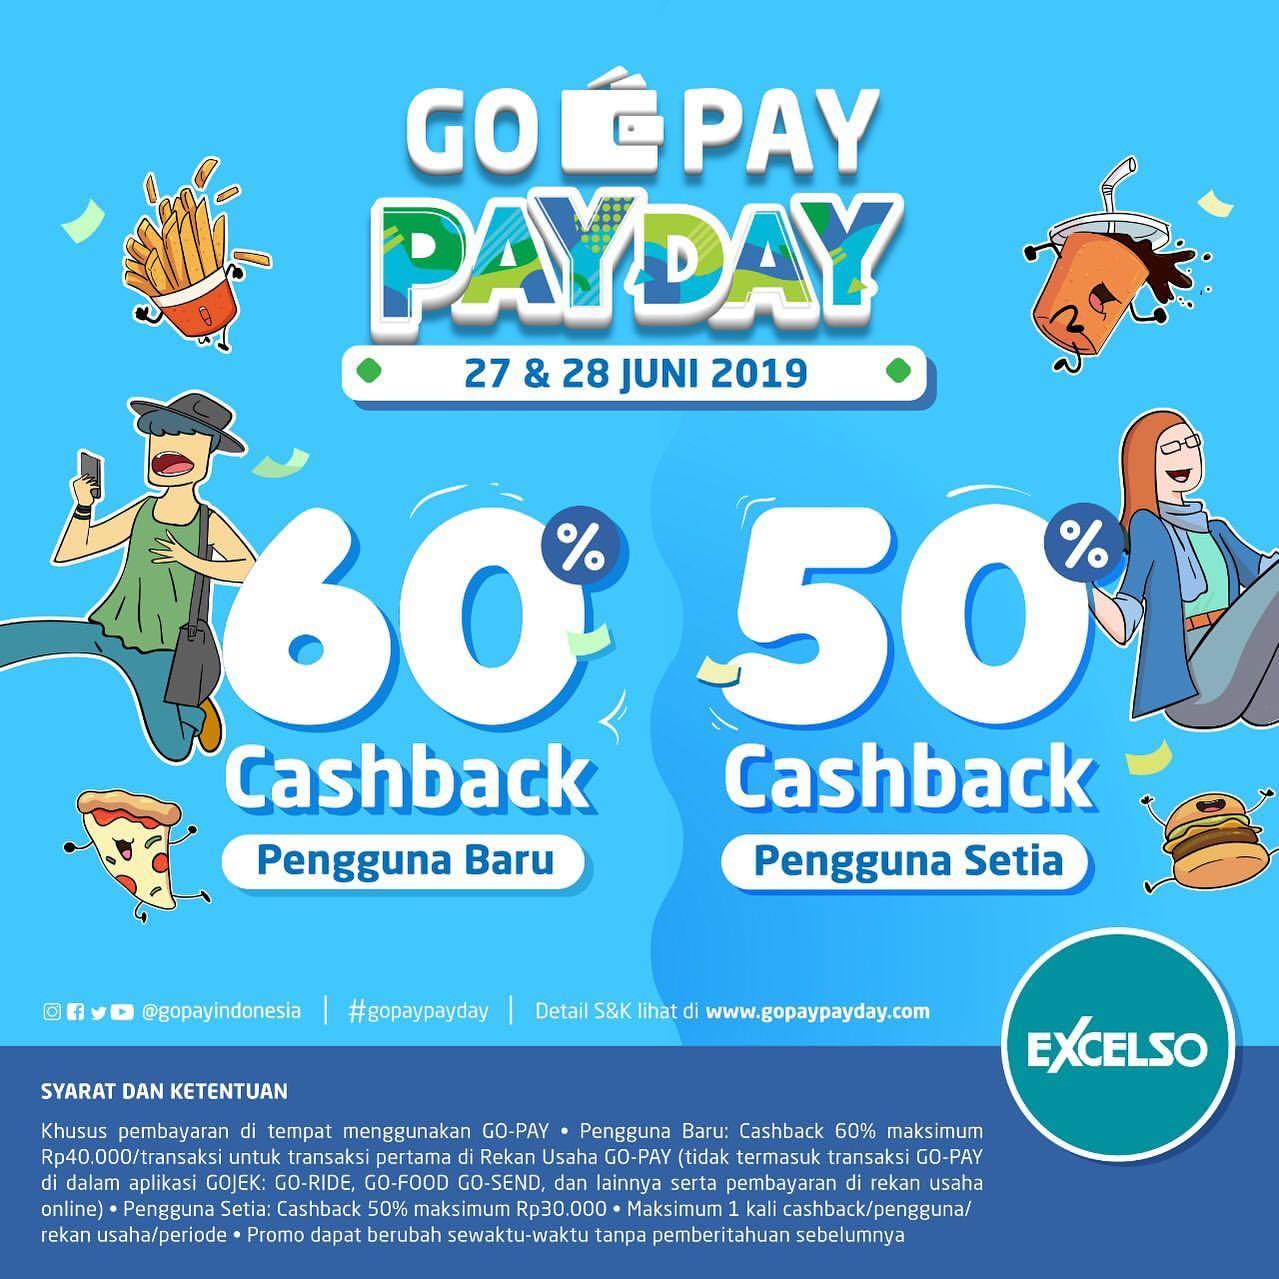 EXCELSO Promo GOPAY PAYDAY CASHBACK hingga 60% dengan GOPAY